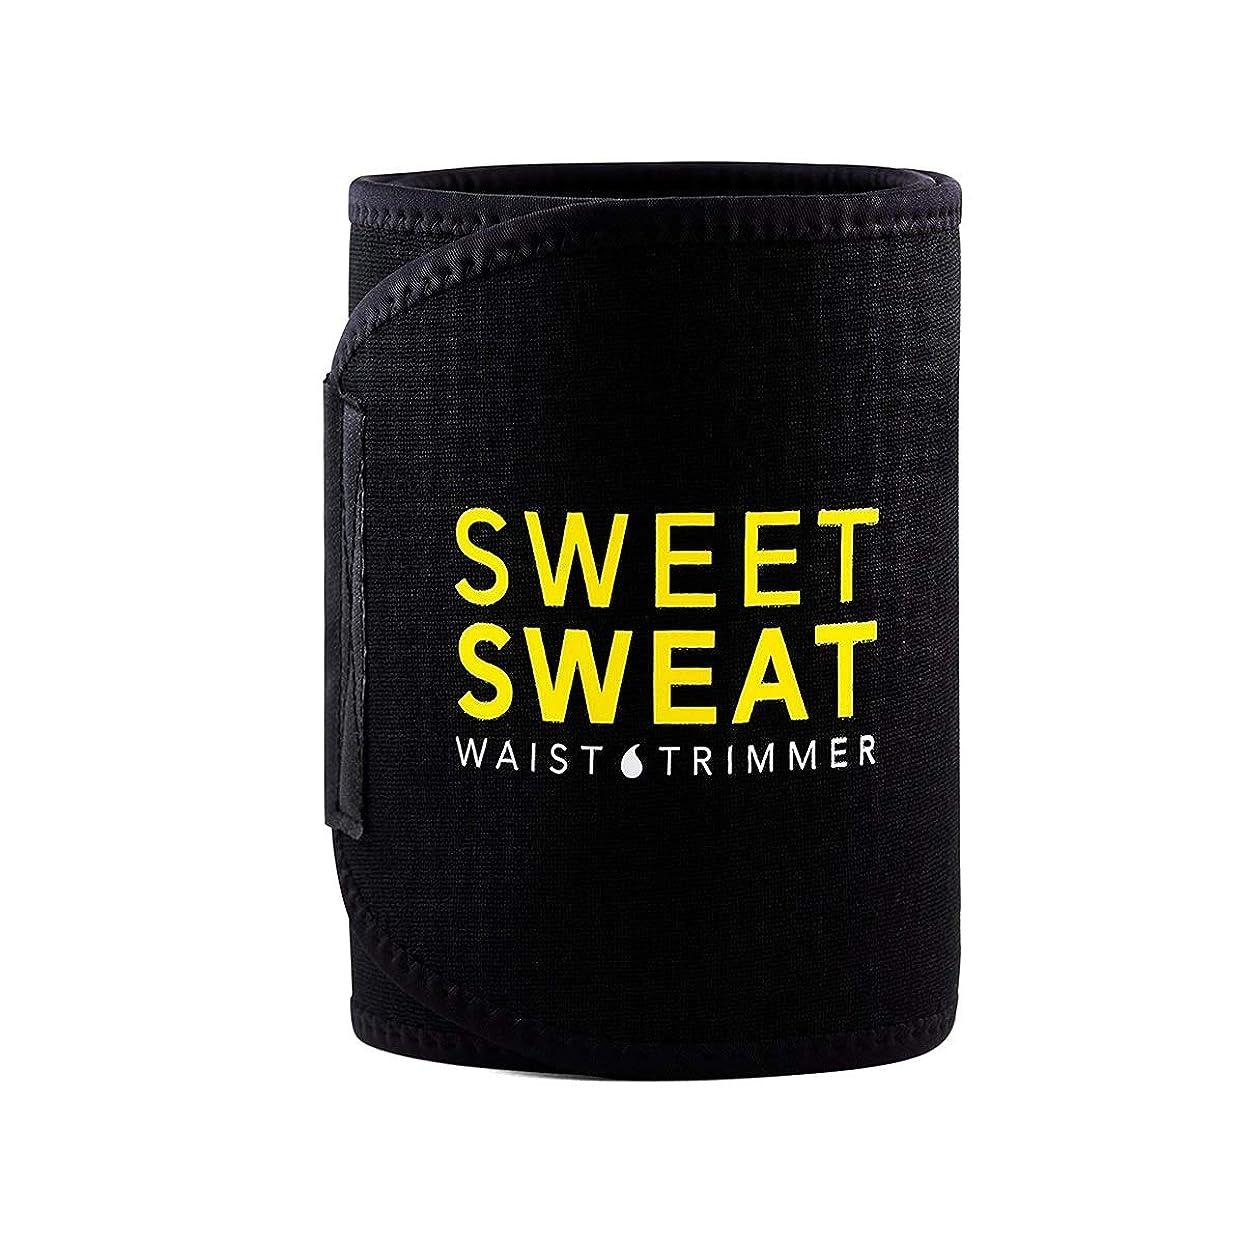 セールパス悲しむフィットネスエクササイズベルト ネオプレンで作られたが、運動は、熱とバーンズ脂肪を生成脂肪と退院毒素を取り除き、水分吸収を阻害します (Size : S)